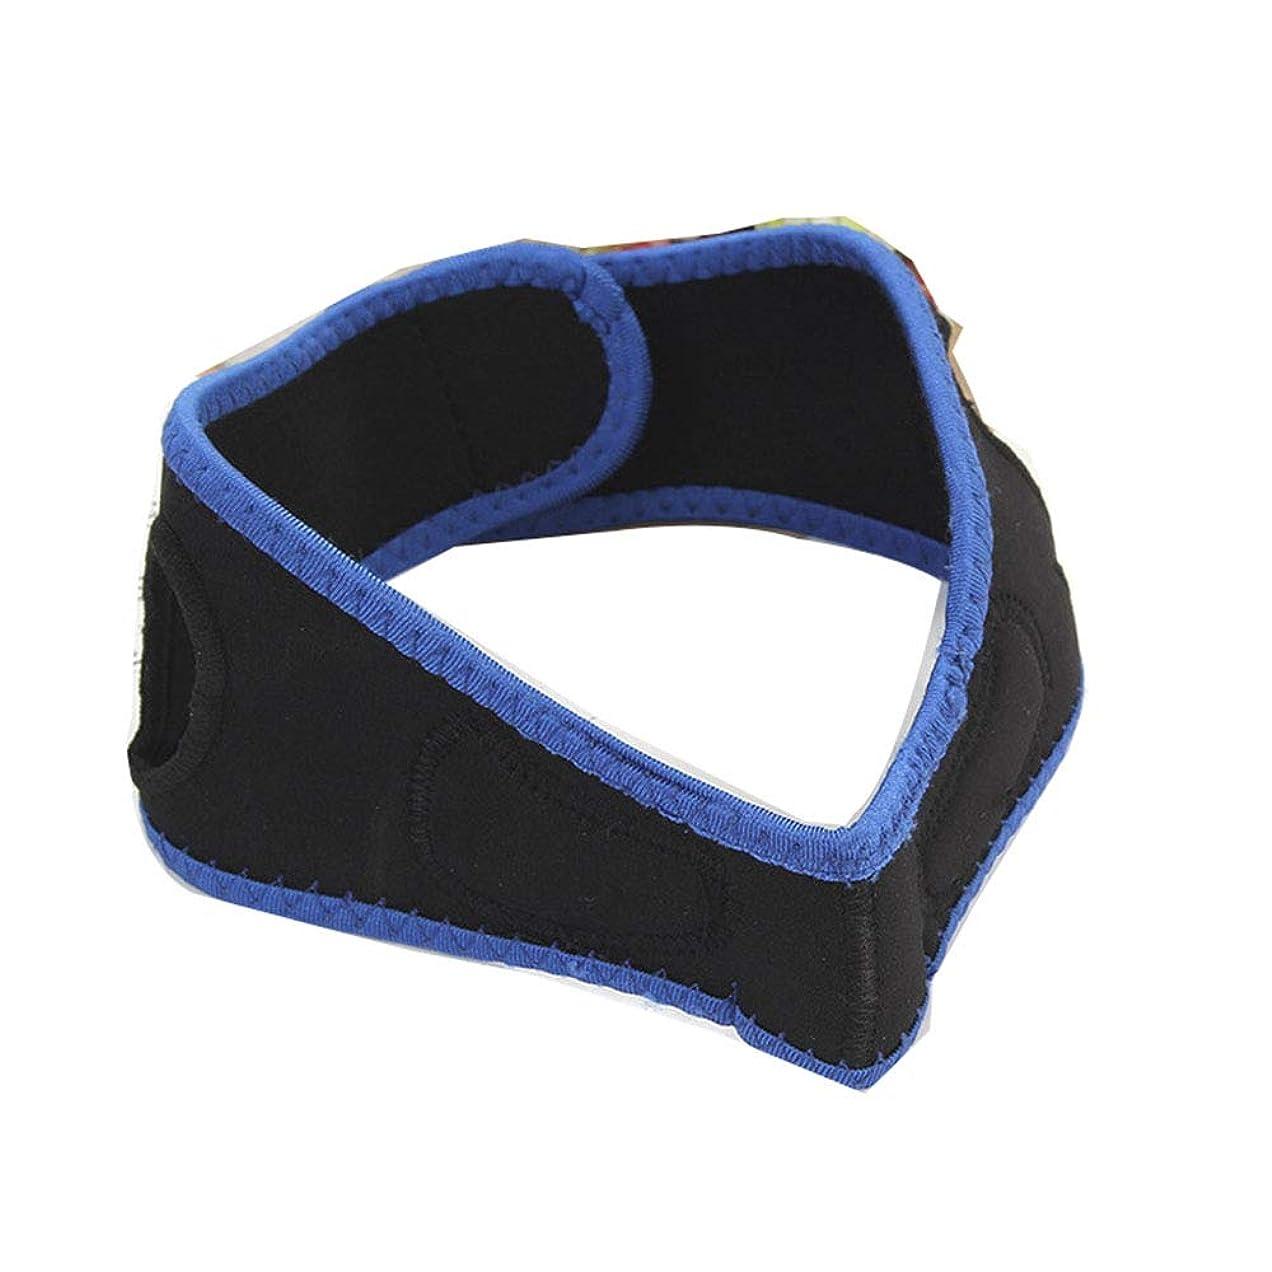 管理リベラル推定男性と女性の顔を持ち上げるベルト、睡眠薄い顔ベルト/リフティング引き締め顔の整形マスク/顔包帯/顔を持ち上げるアーティファクト